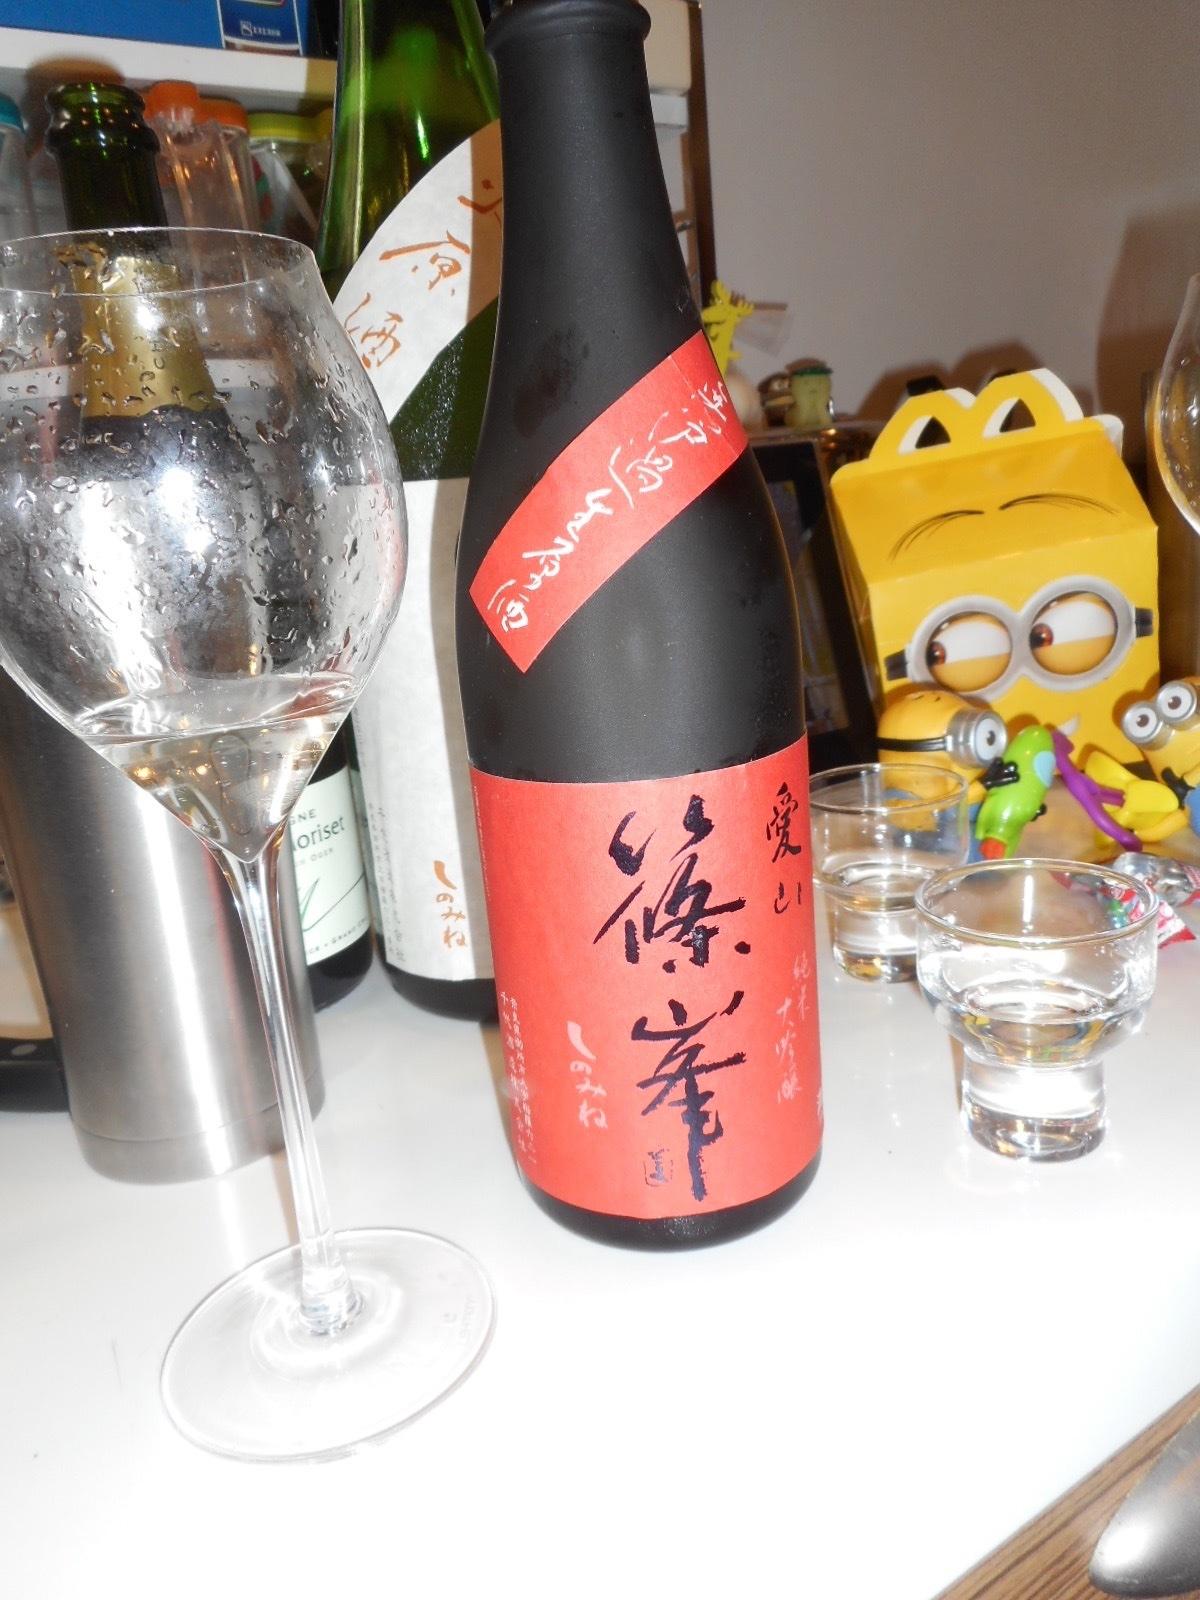 shinomine_aiyama45nama27by9.jpg